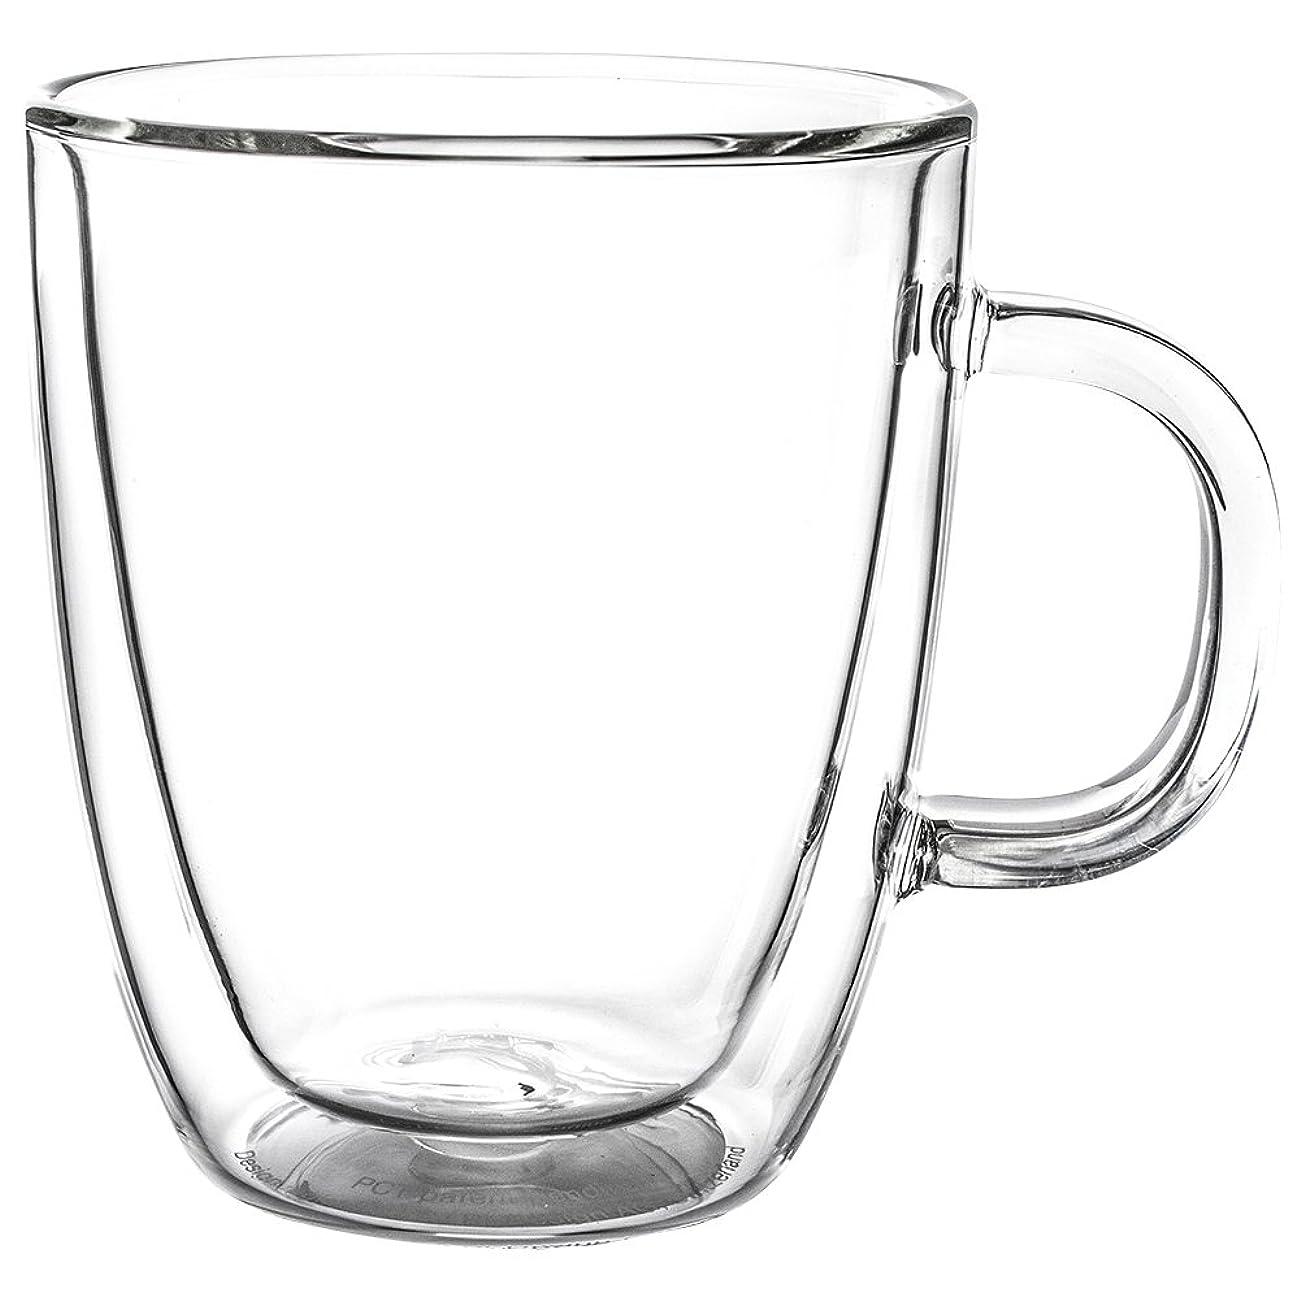 のど手術熱意[ ボダム ] BODUM ビストロ ダブルウォールグラス 2個セット 300mL 保温 エスプレッソ マグ 10604-10US4 BISTRO DWG 二重構造 プレゼント コーヒー 新生活 [並行輸入品]